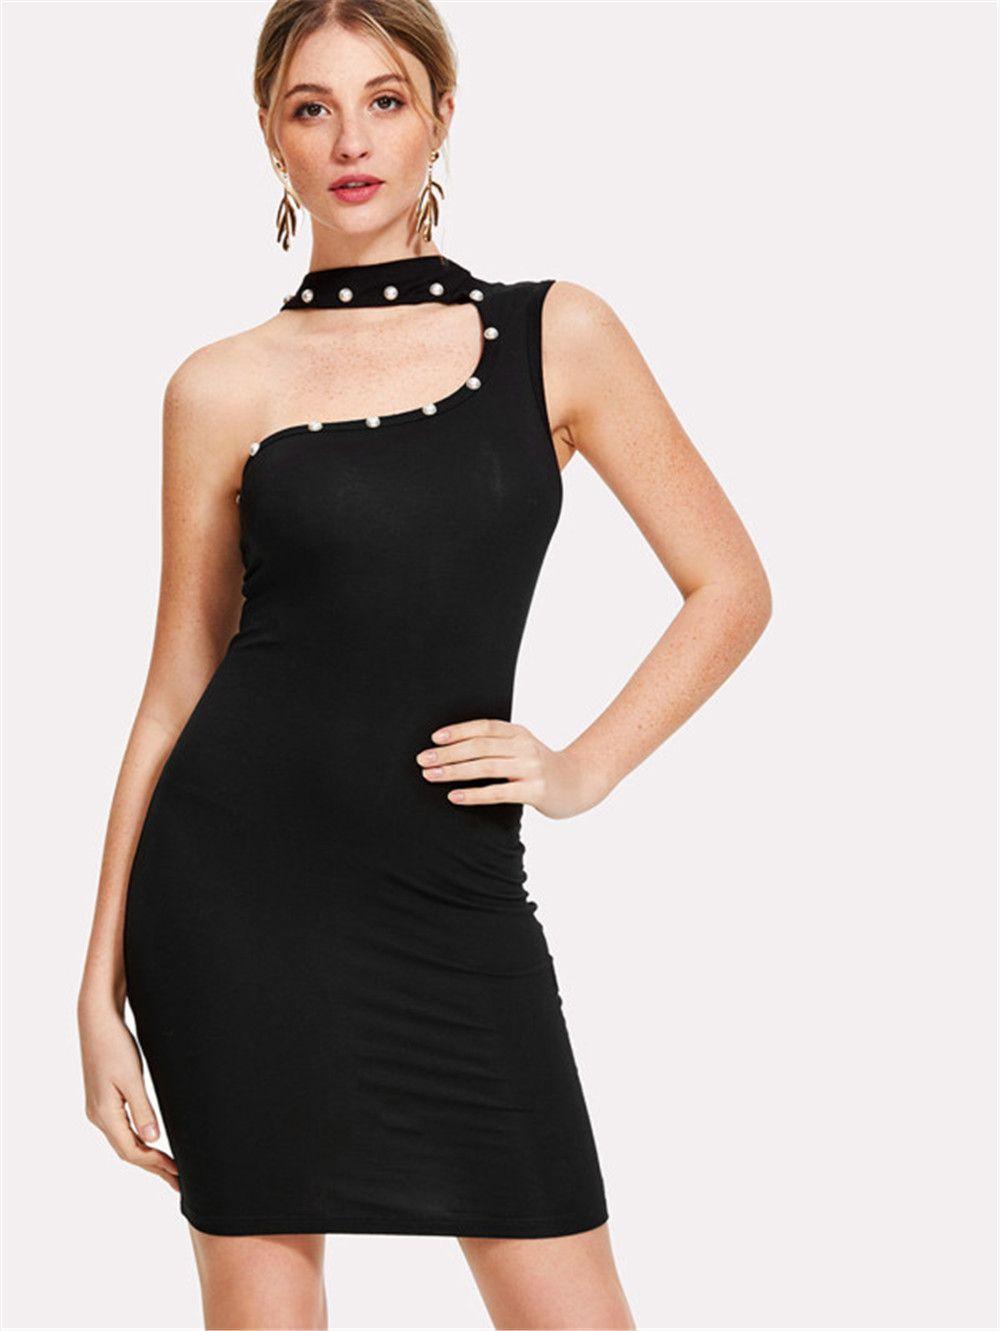 Robe d'été Femmes Sexy robe noire solide Lady Beach Wear Maxi robe une épaule femmes perles Décoration moulantes Robes